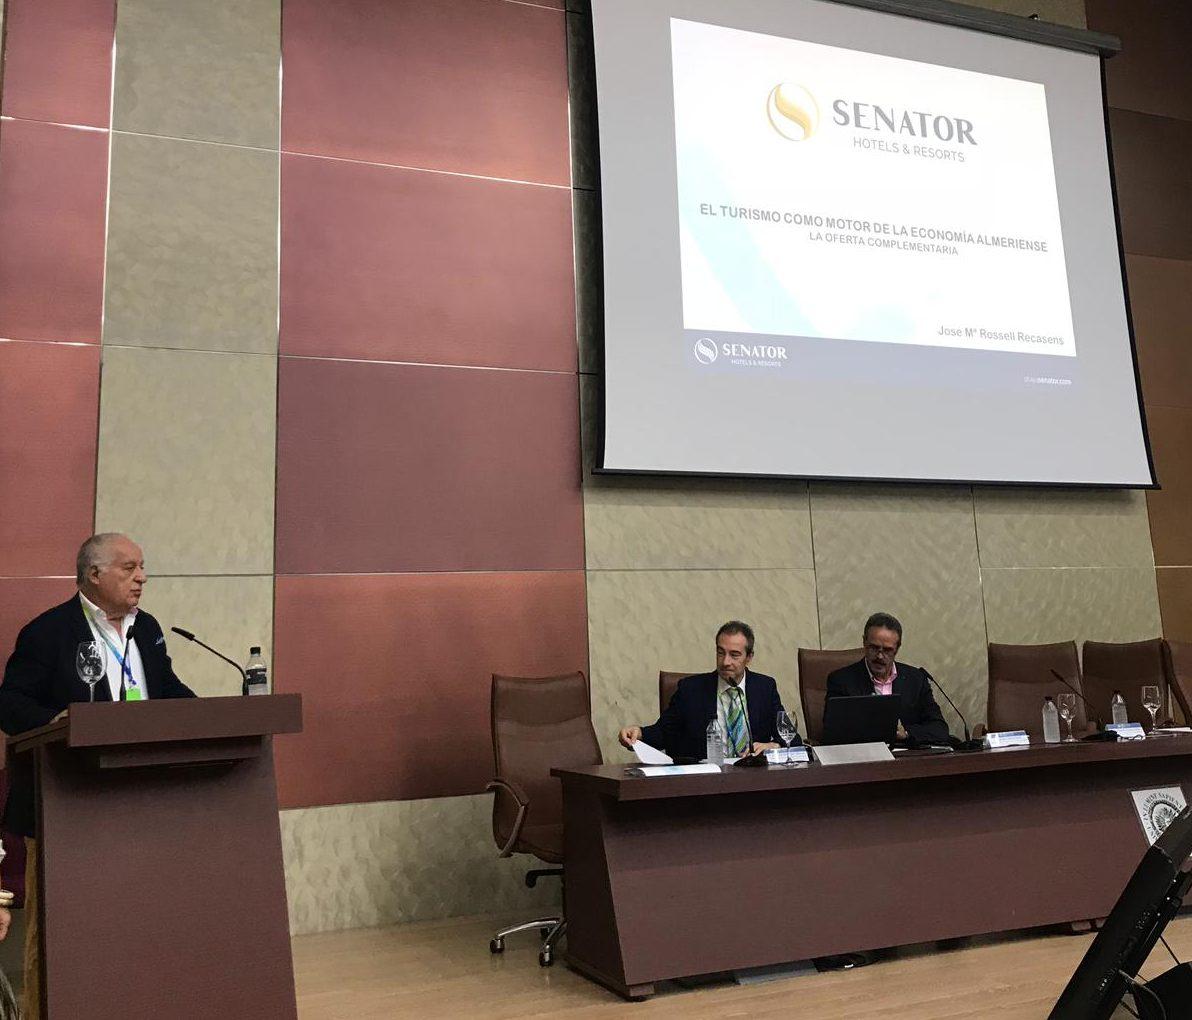 Conferencia Don José María Rossell Recasens